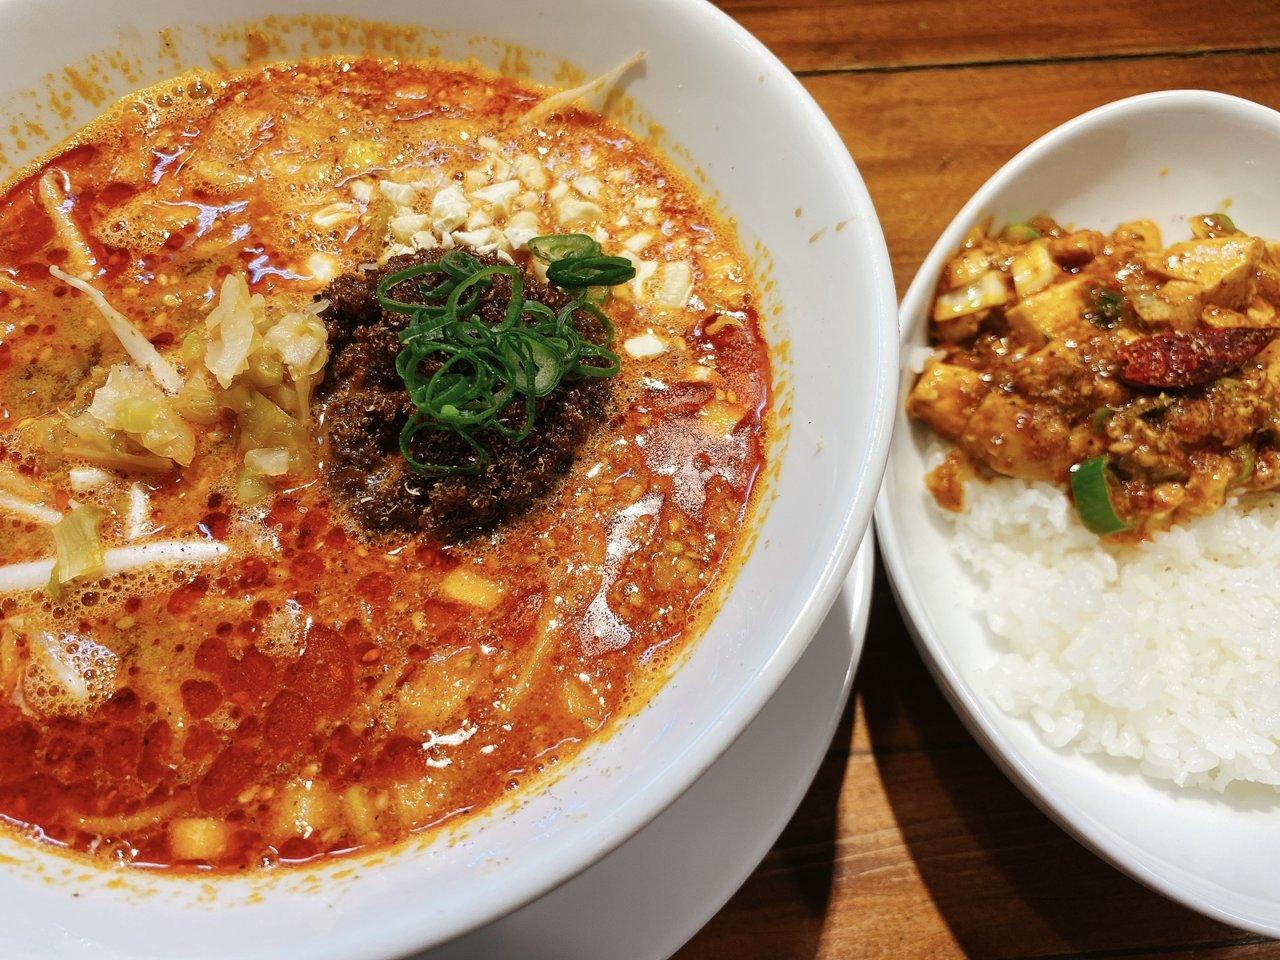 東京ローカルのおいしいラーメンがたべたい|担々麺と小麻婆飯